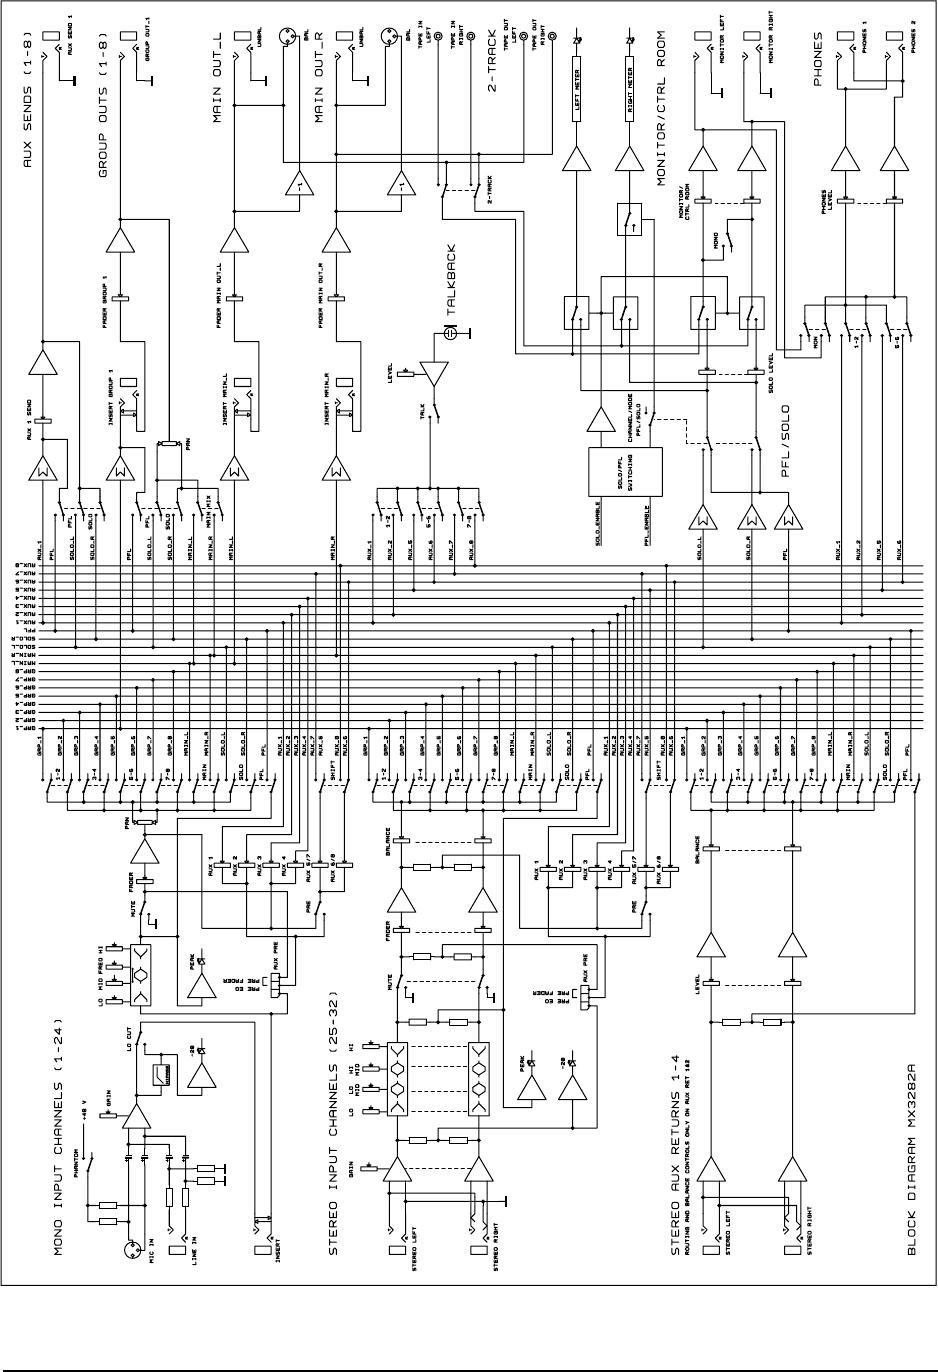 EURODESK MX3282A Behringer Specification Sheet P0029 S En